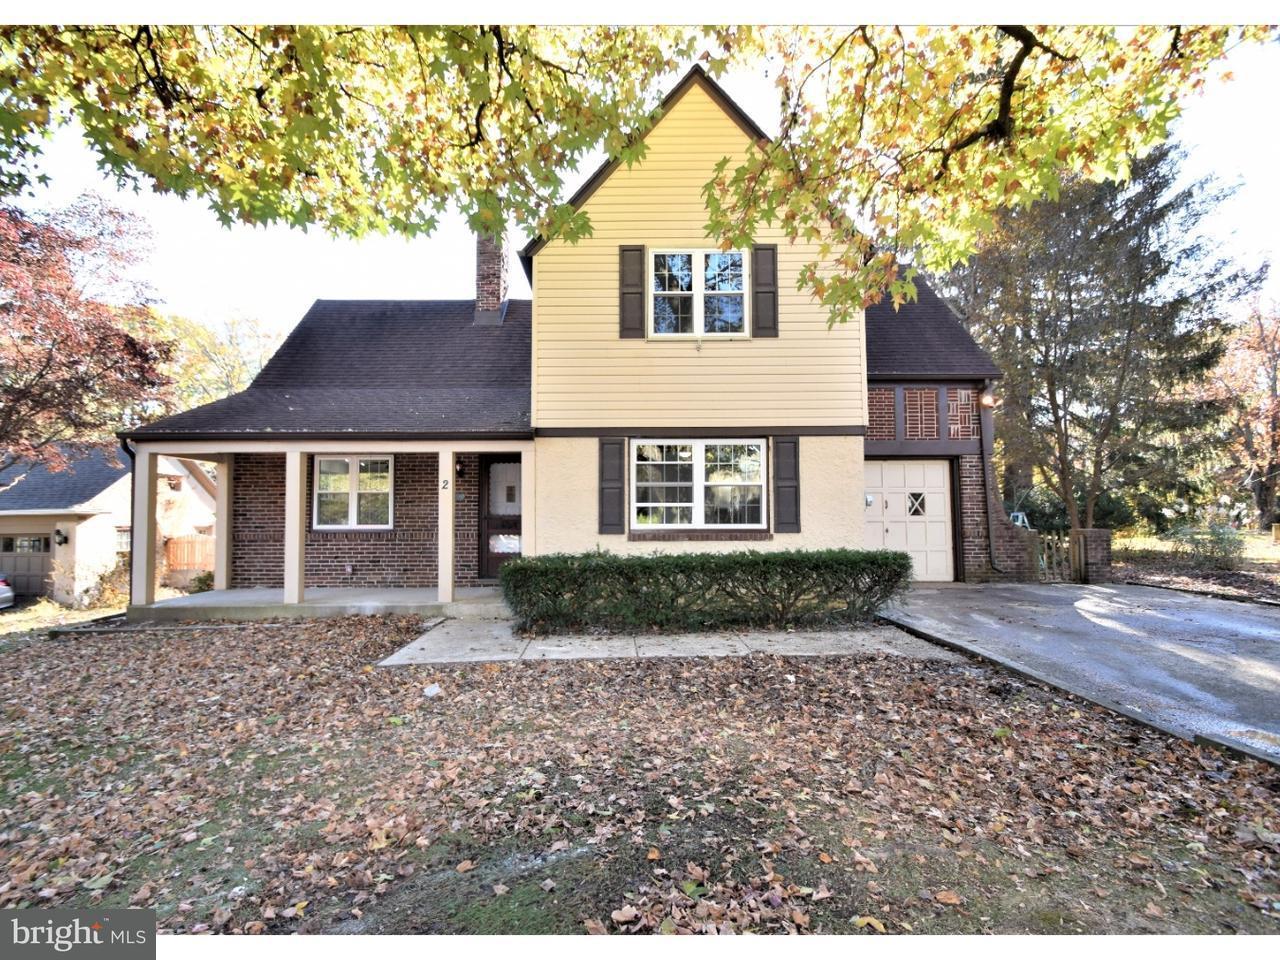 独户住宅 为 销售 在 2 ROSELAWN Avenue Lansdowne, 宾夕法尼亚州 19050 美国